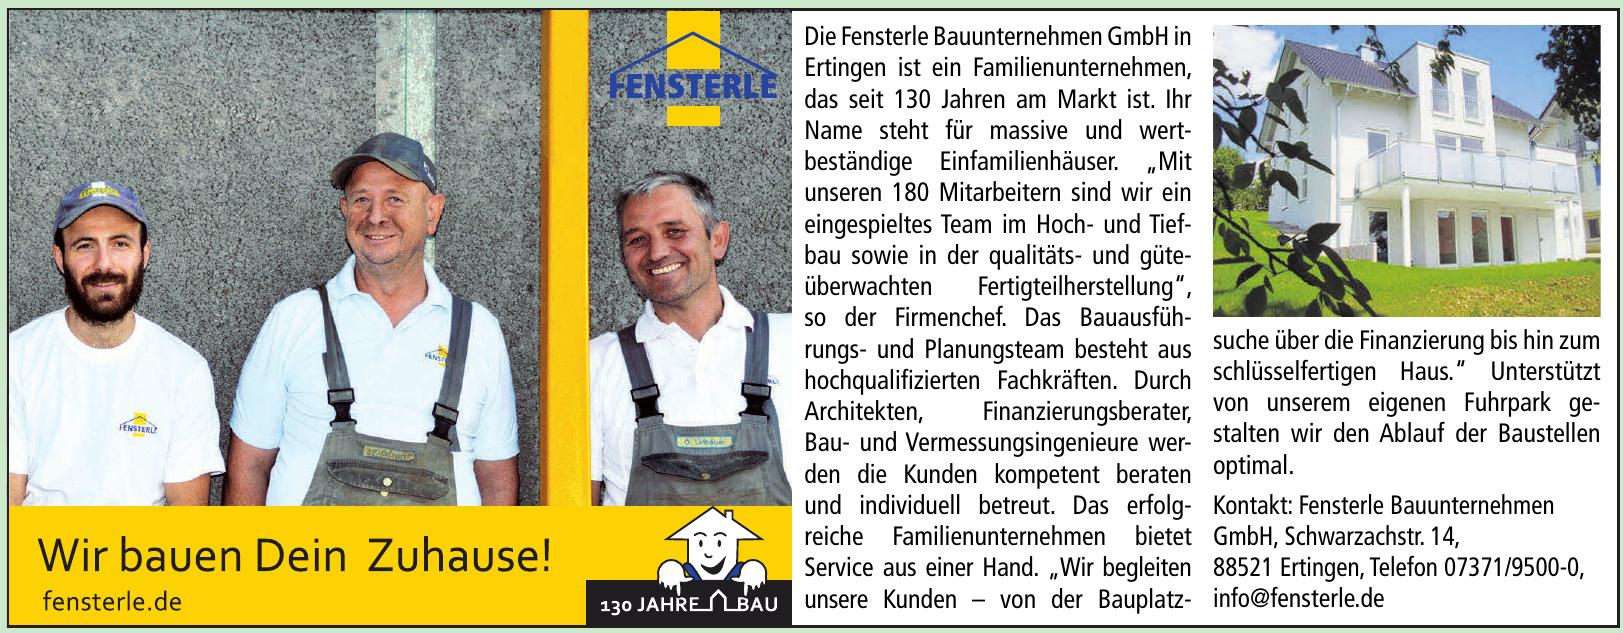 Fensterle Beton- und Fertigteilwerk GmbH